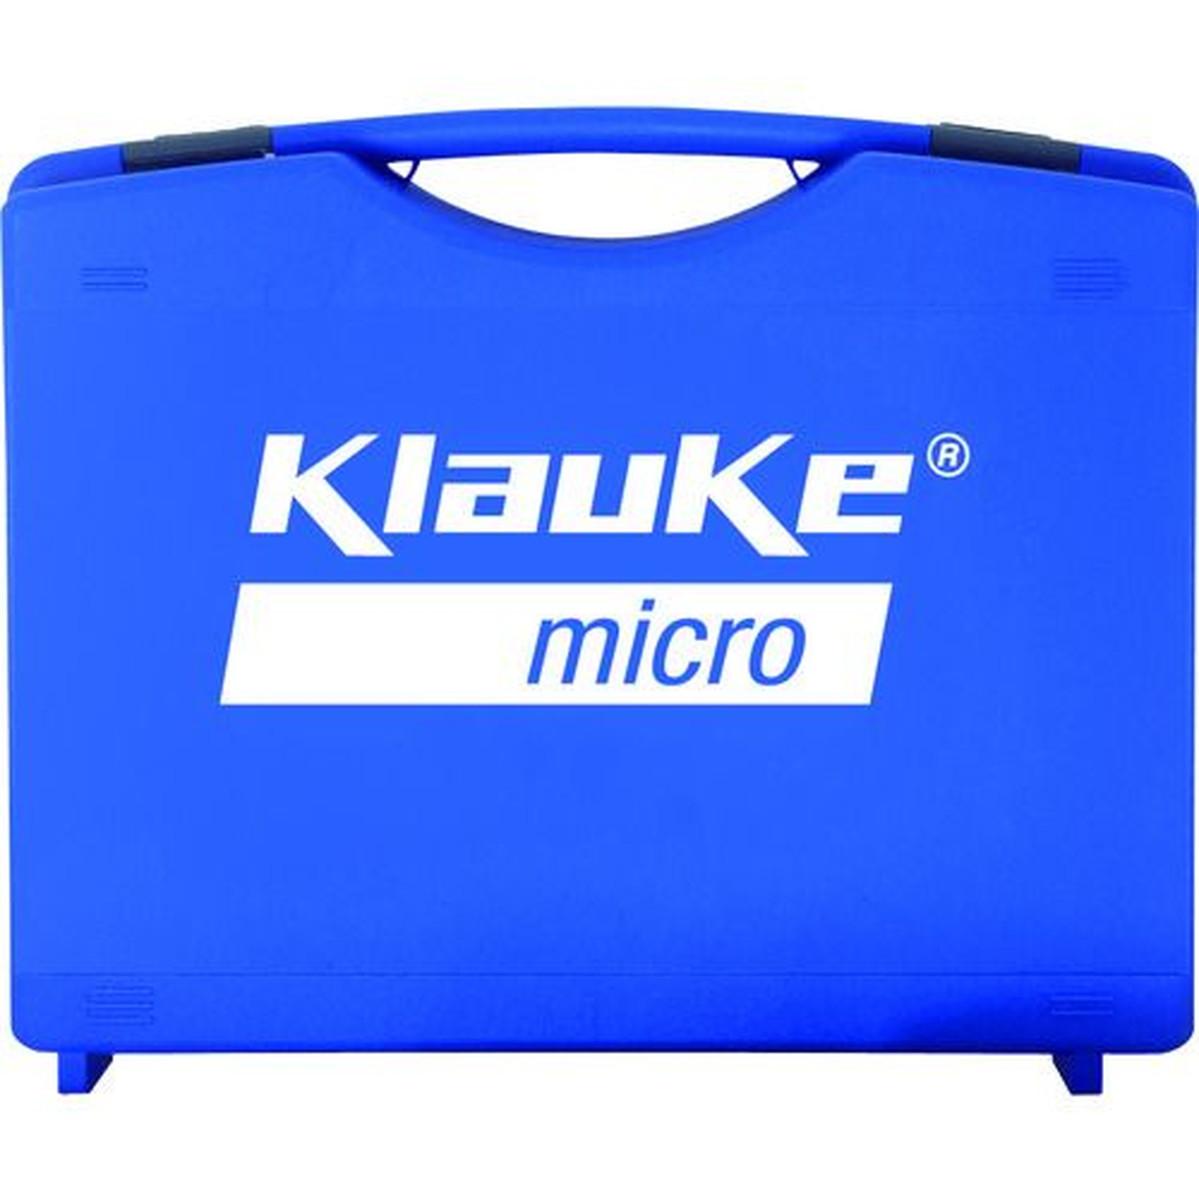 安い割引 専用ケース 1個 クラウケクラウケ 専用ケース 1個, ロストボールの shop 南風:3278957e --- kventurepartners.sakura.ne.jp